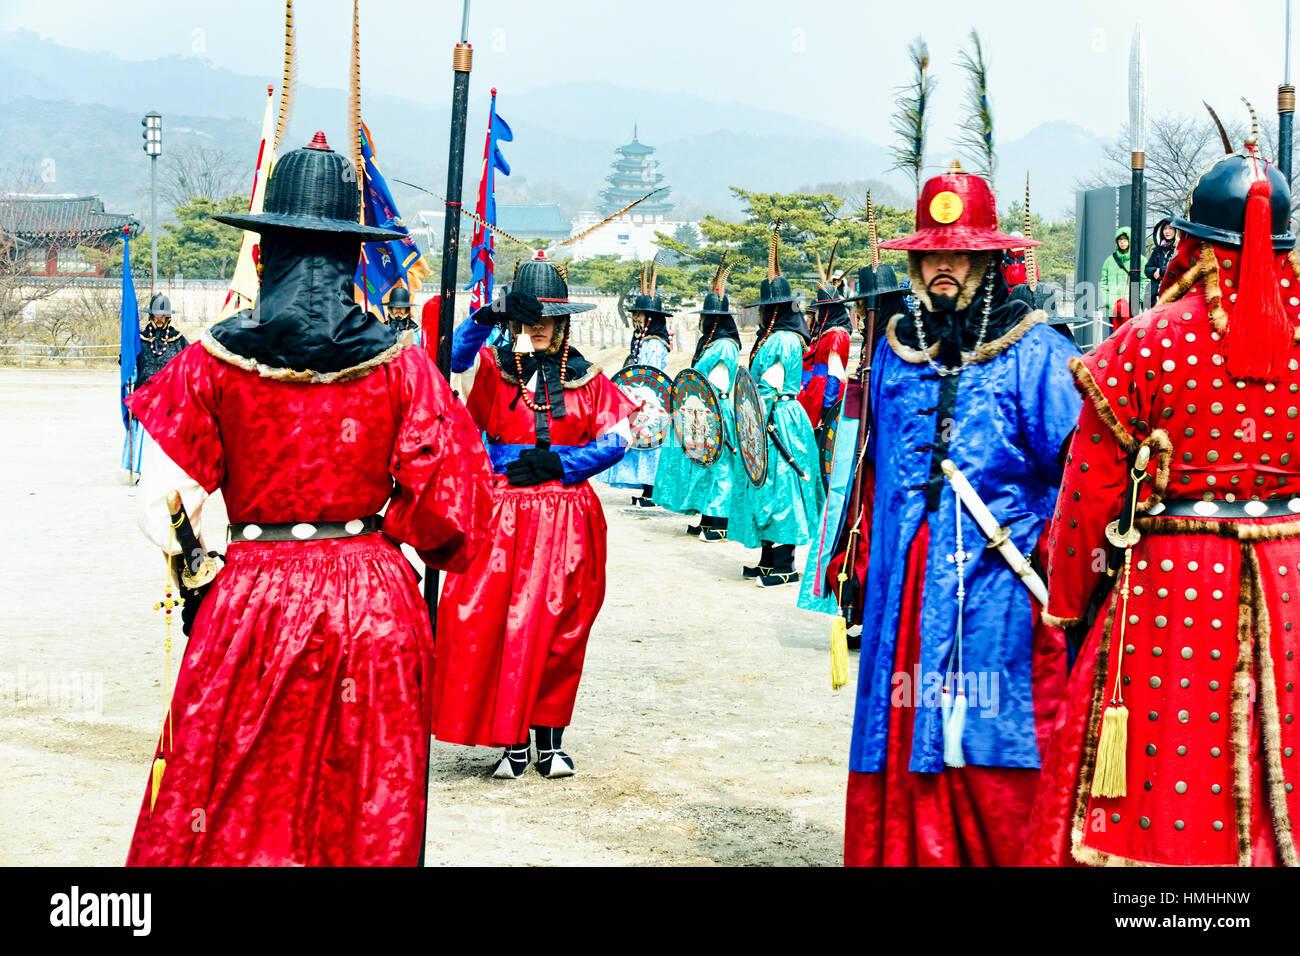 Cérémonie d'inspection de la Garde royale, Gyeongbokgung, Séoul, Corée du Sud Photo Stock